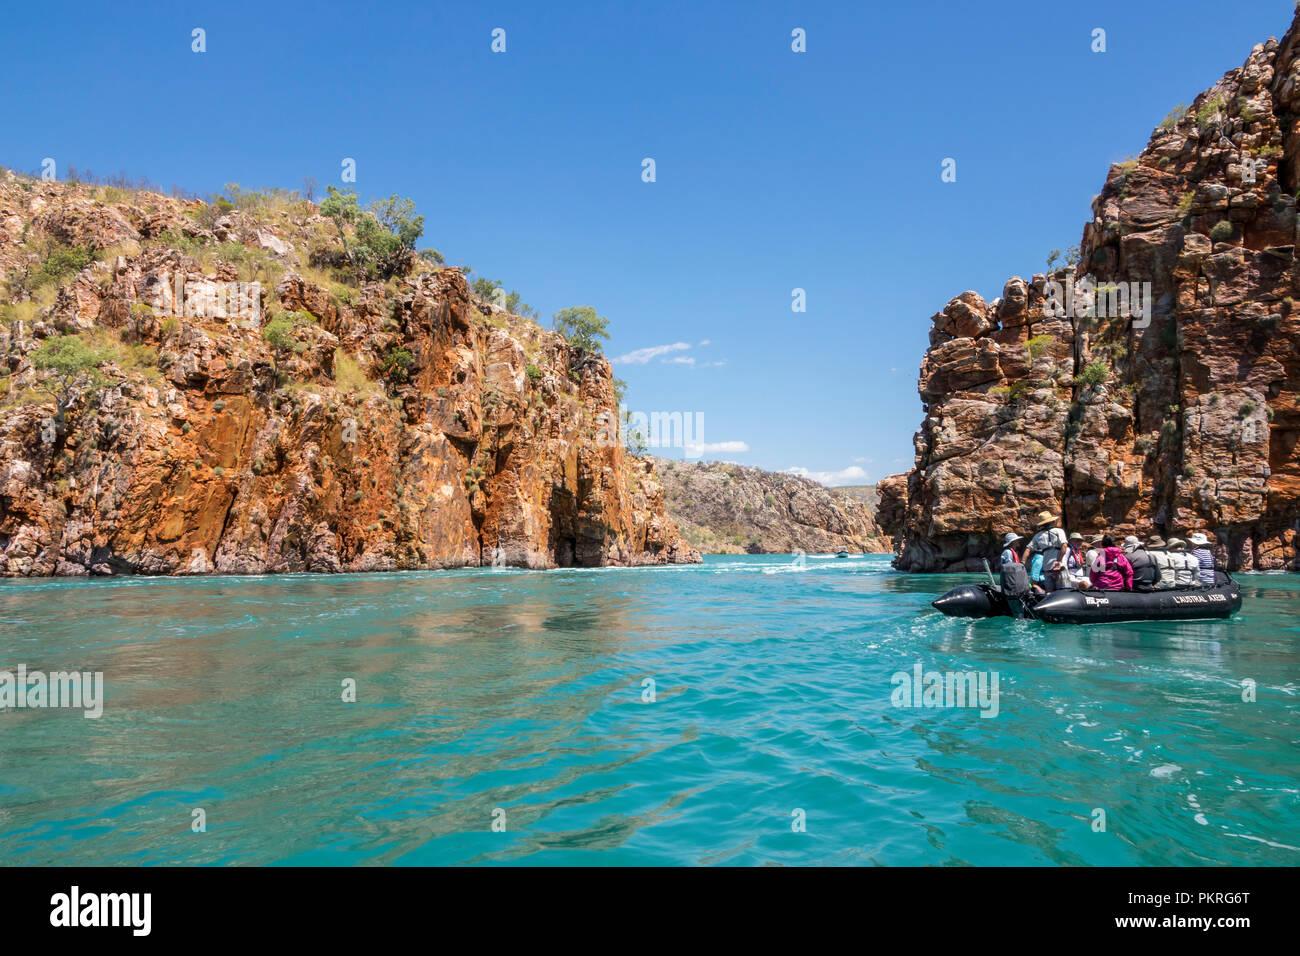 Zodiac cruising around Talbot Bay, Kimberley, Western Australia - Stock Image